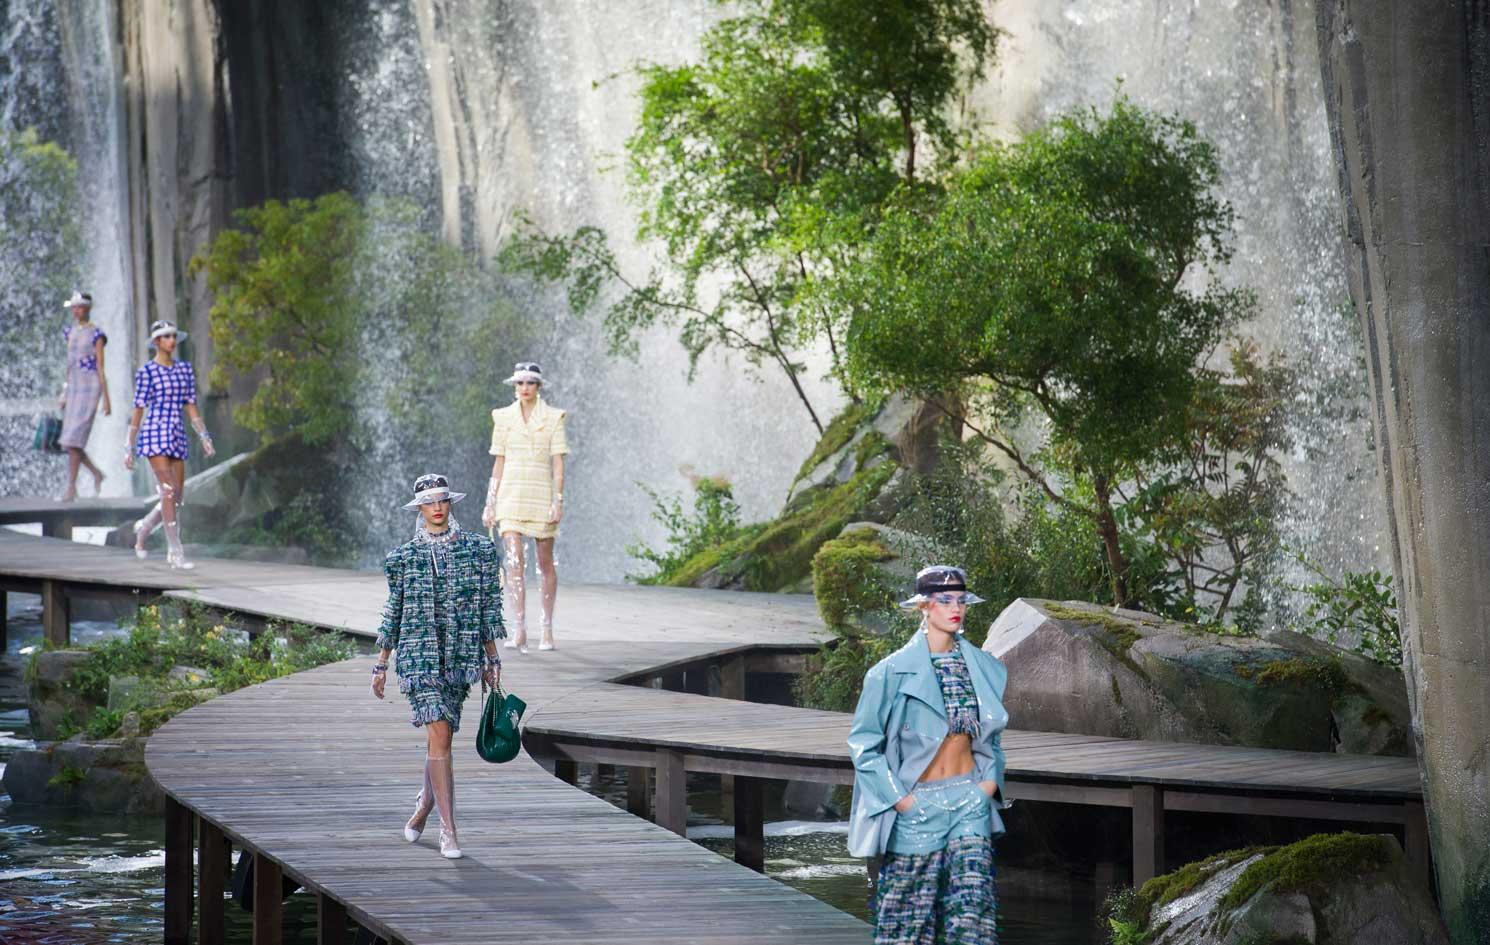 Wodospad i powrót do lat 60., czyli pokaz Chanel wiosna-lato 2018